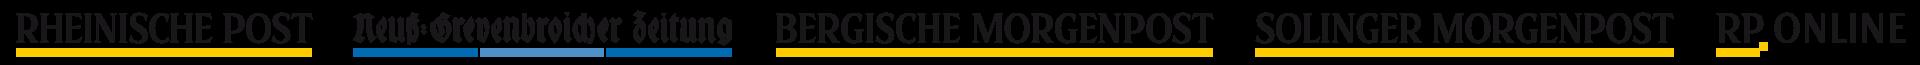 Logos verschiedener Zeitungen